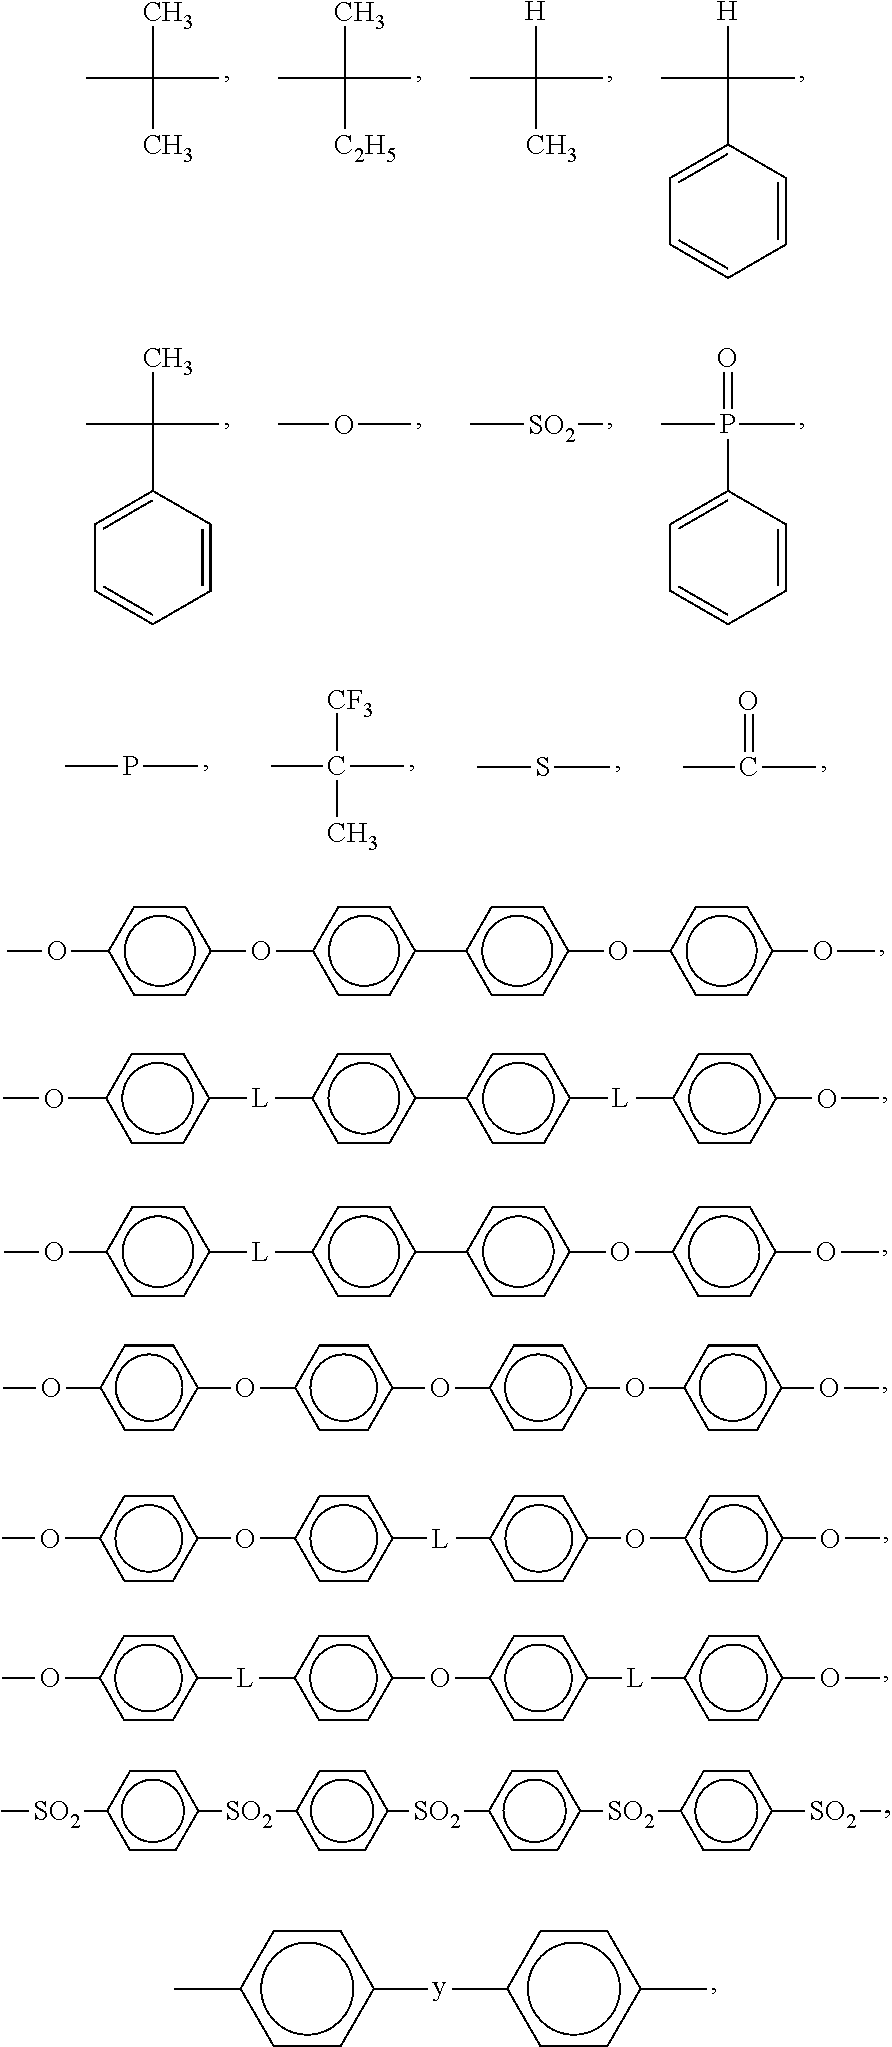 Figure US09315633-20160419-C00026